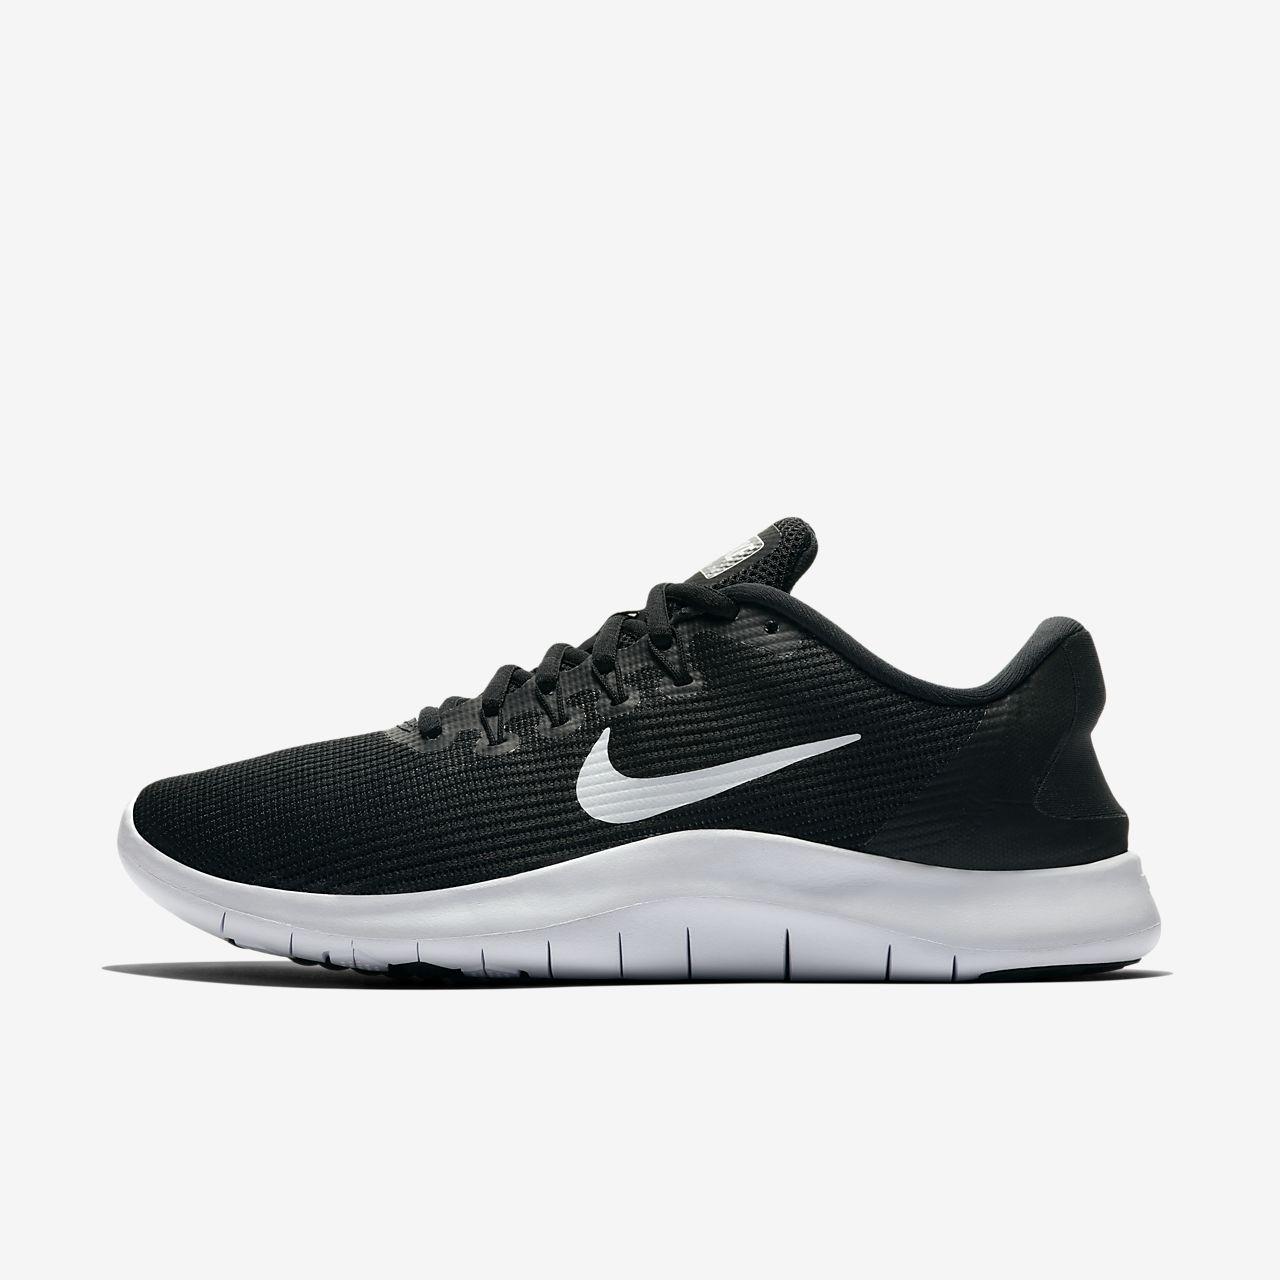 2018 De Mujer Zapatillas Nike Rn Flex Es Running xYIwY6Etq